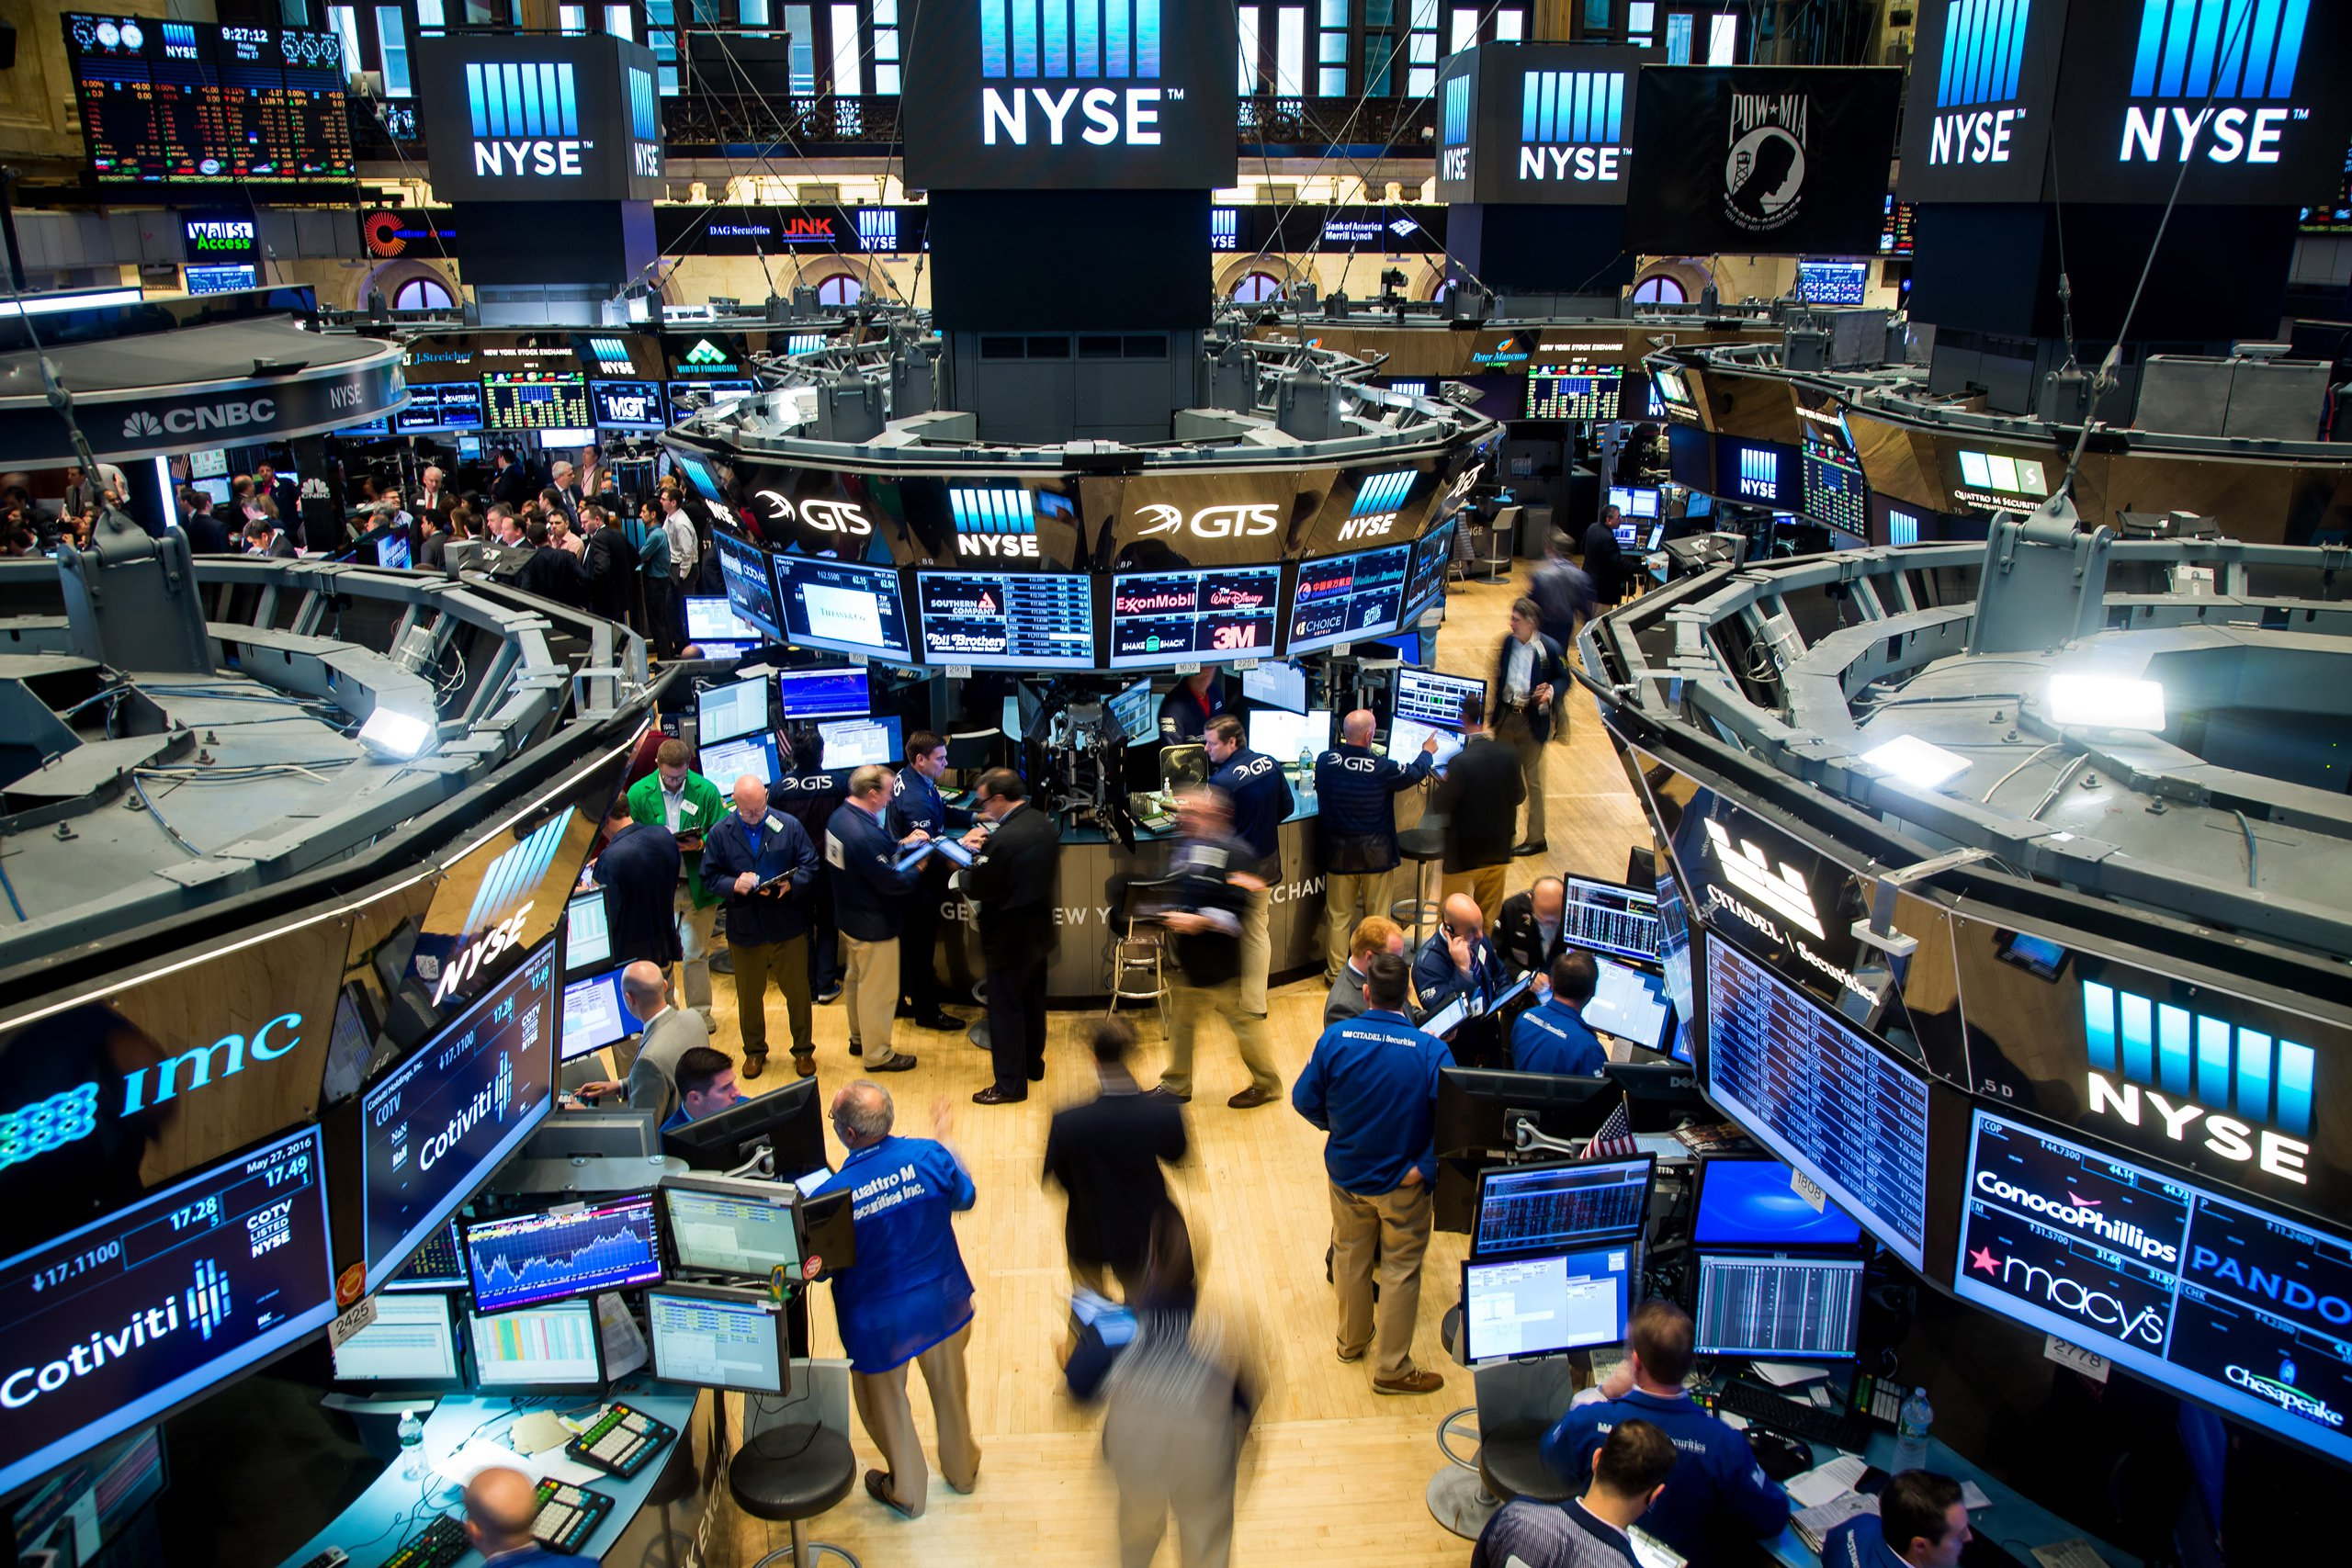 Նավթի, թանկարժեք և գունավոր մետաղների գներ, ԱՄՆ և եվրոպական ինդեքսներ գները նվազել են - 10/12/18